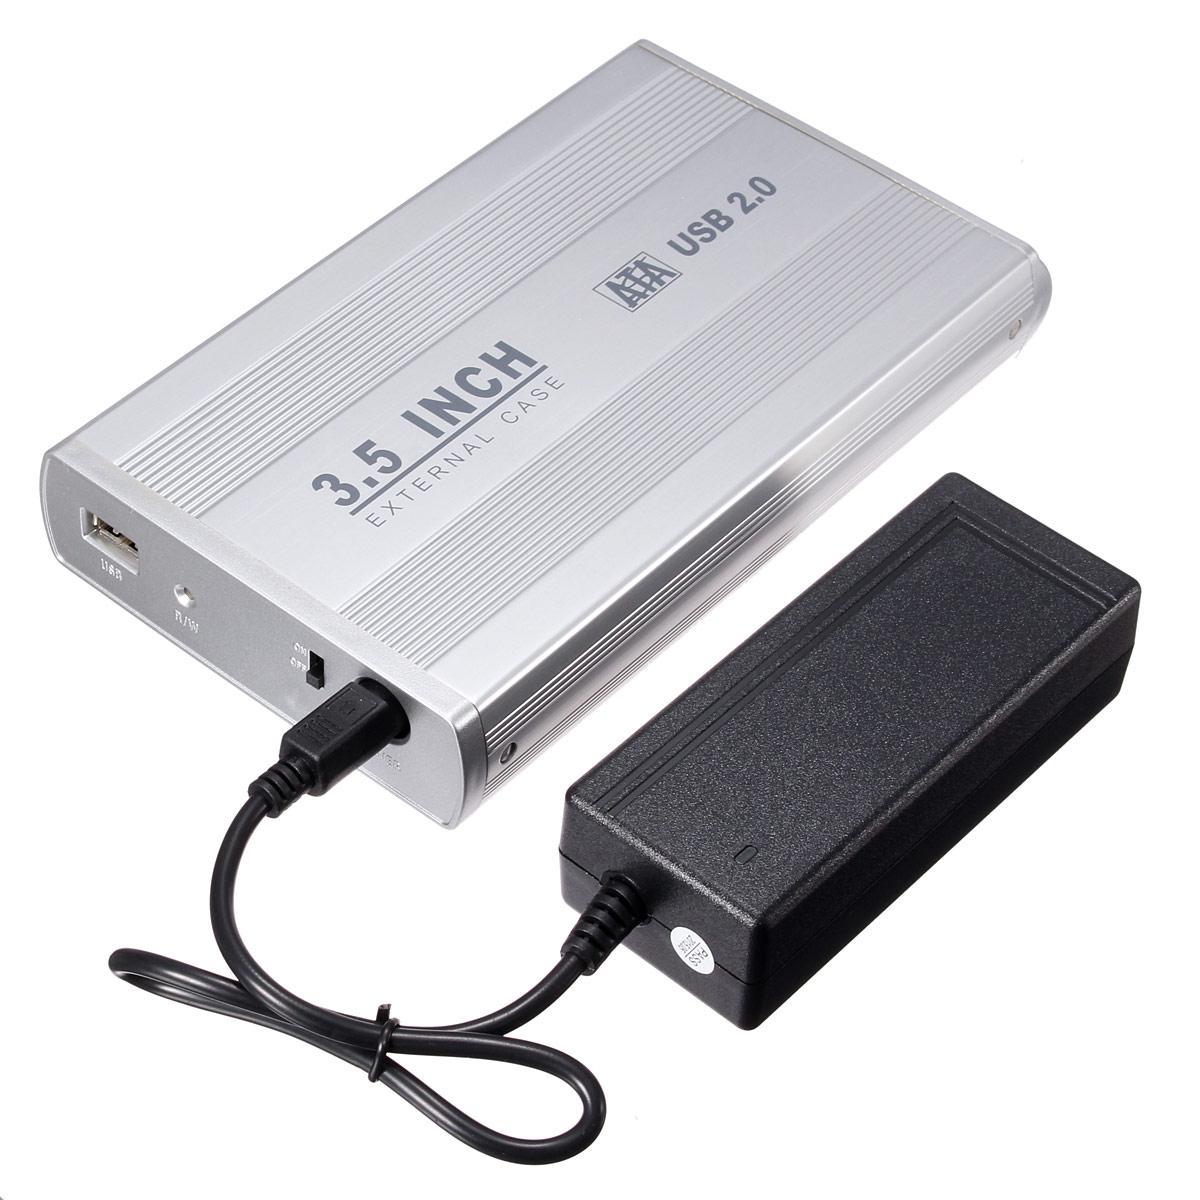 3.5 inch USB 2.0 Aluminum External SATA Hard Drive Enclosure Case Black NEW